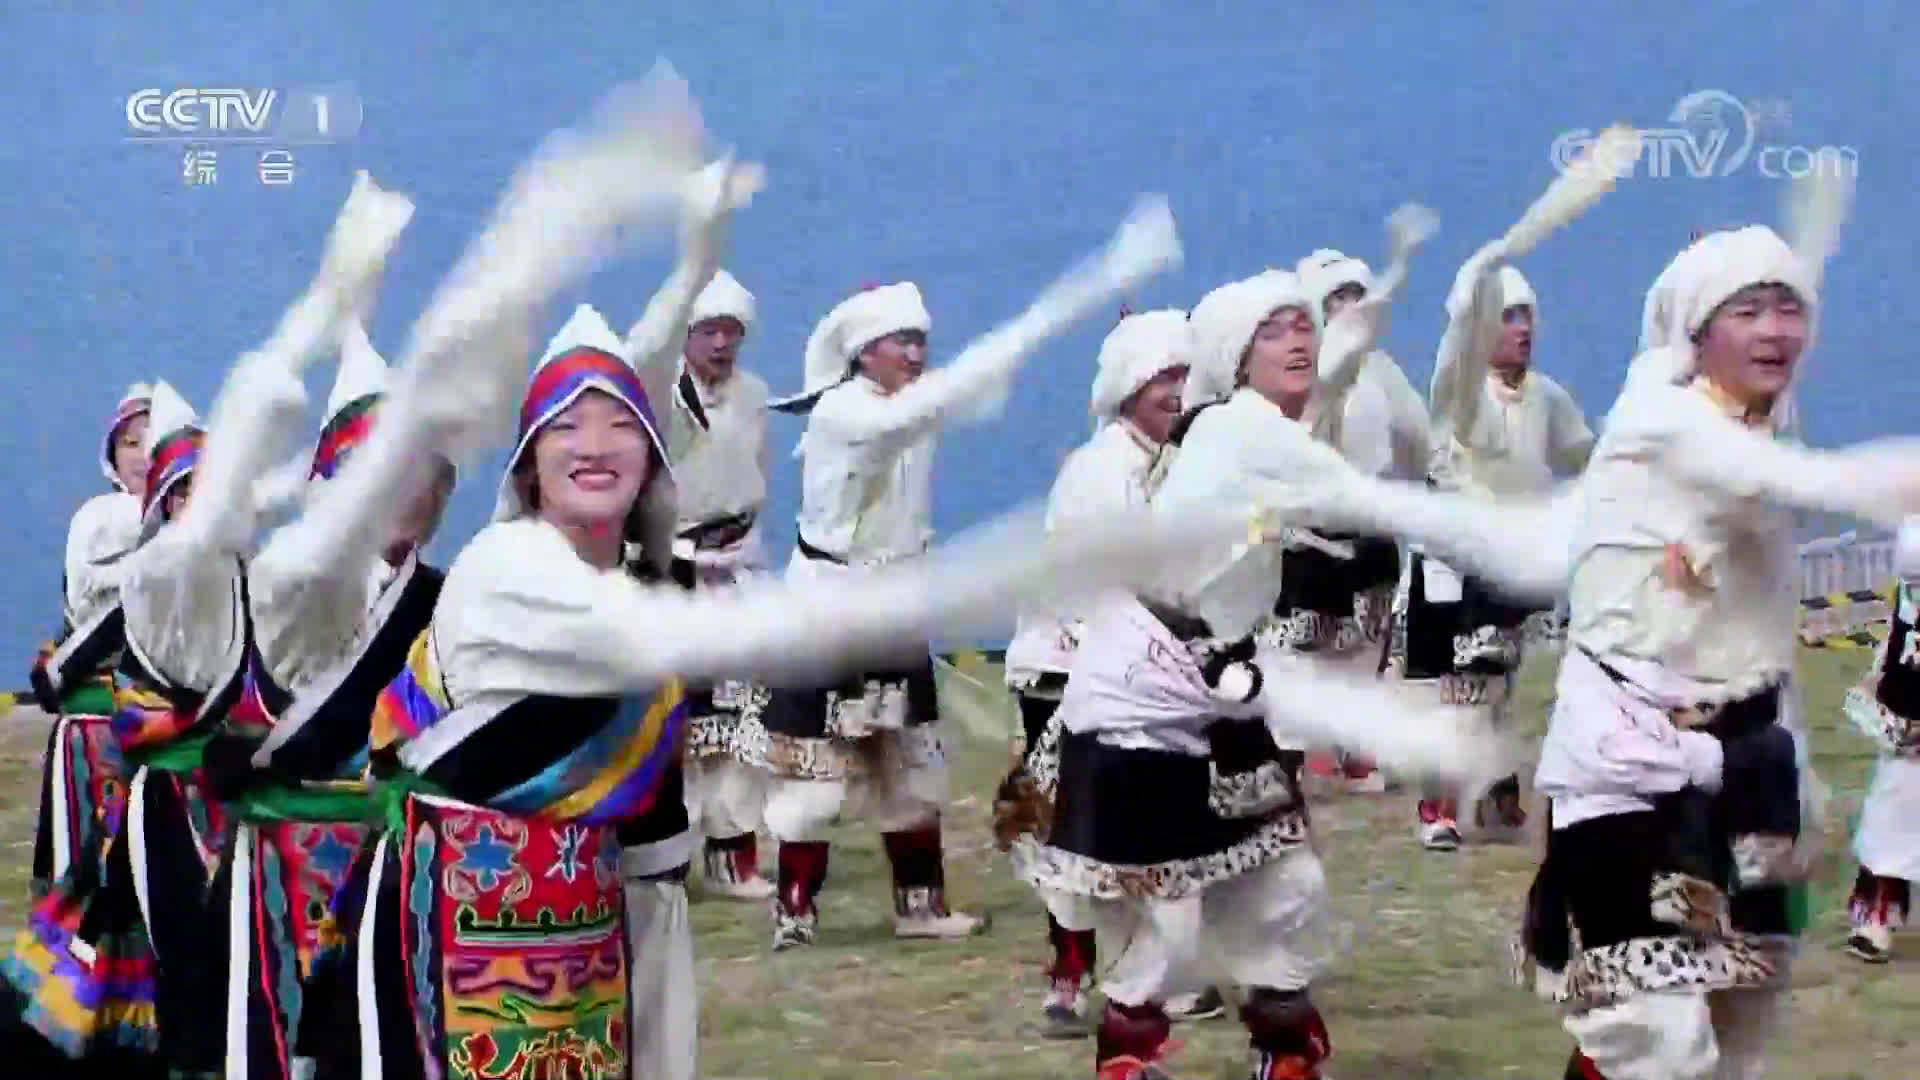 站在新时代的美丽高原上,一起欣赏热情的藏族舞蹈《幸福那曲》。